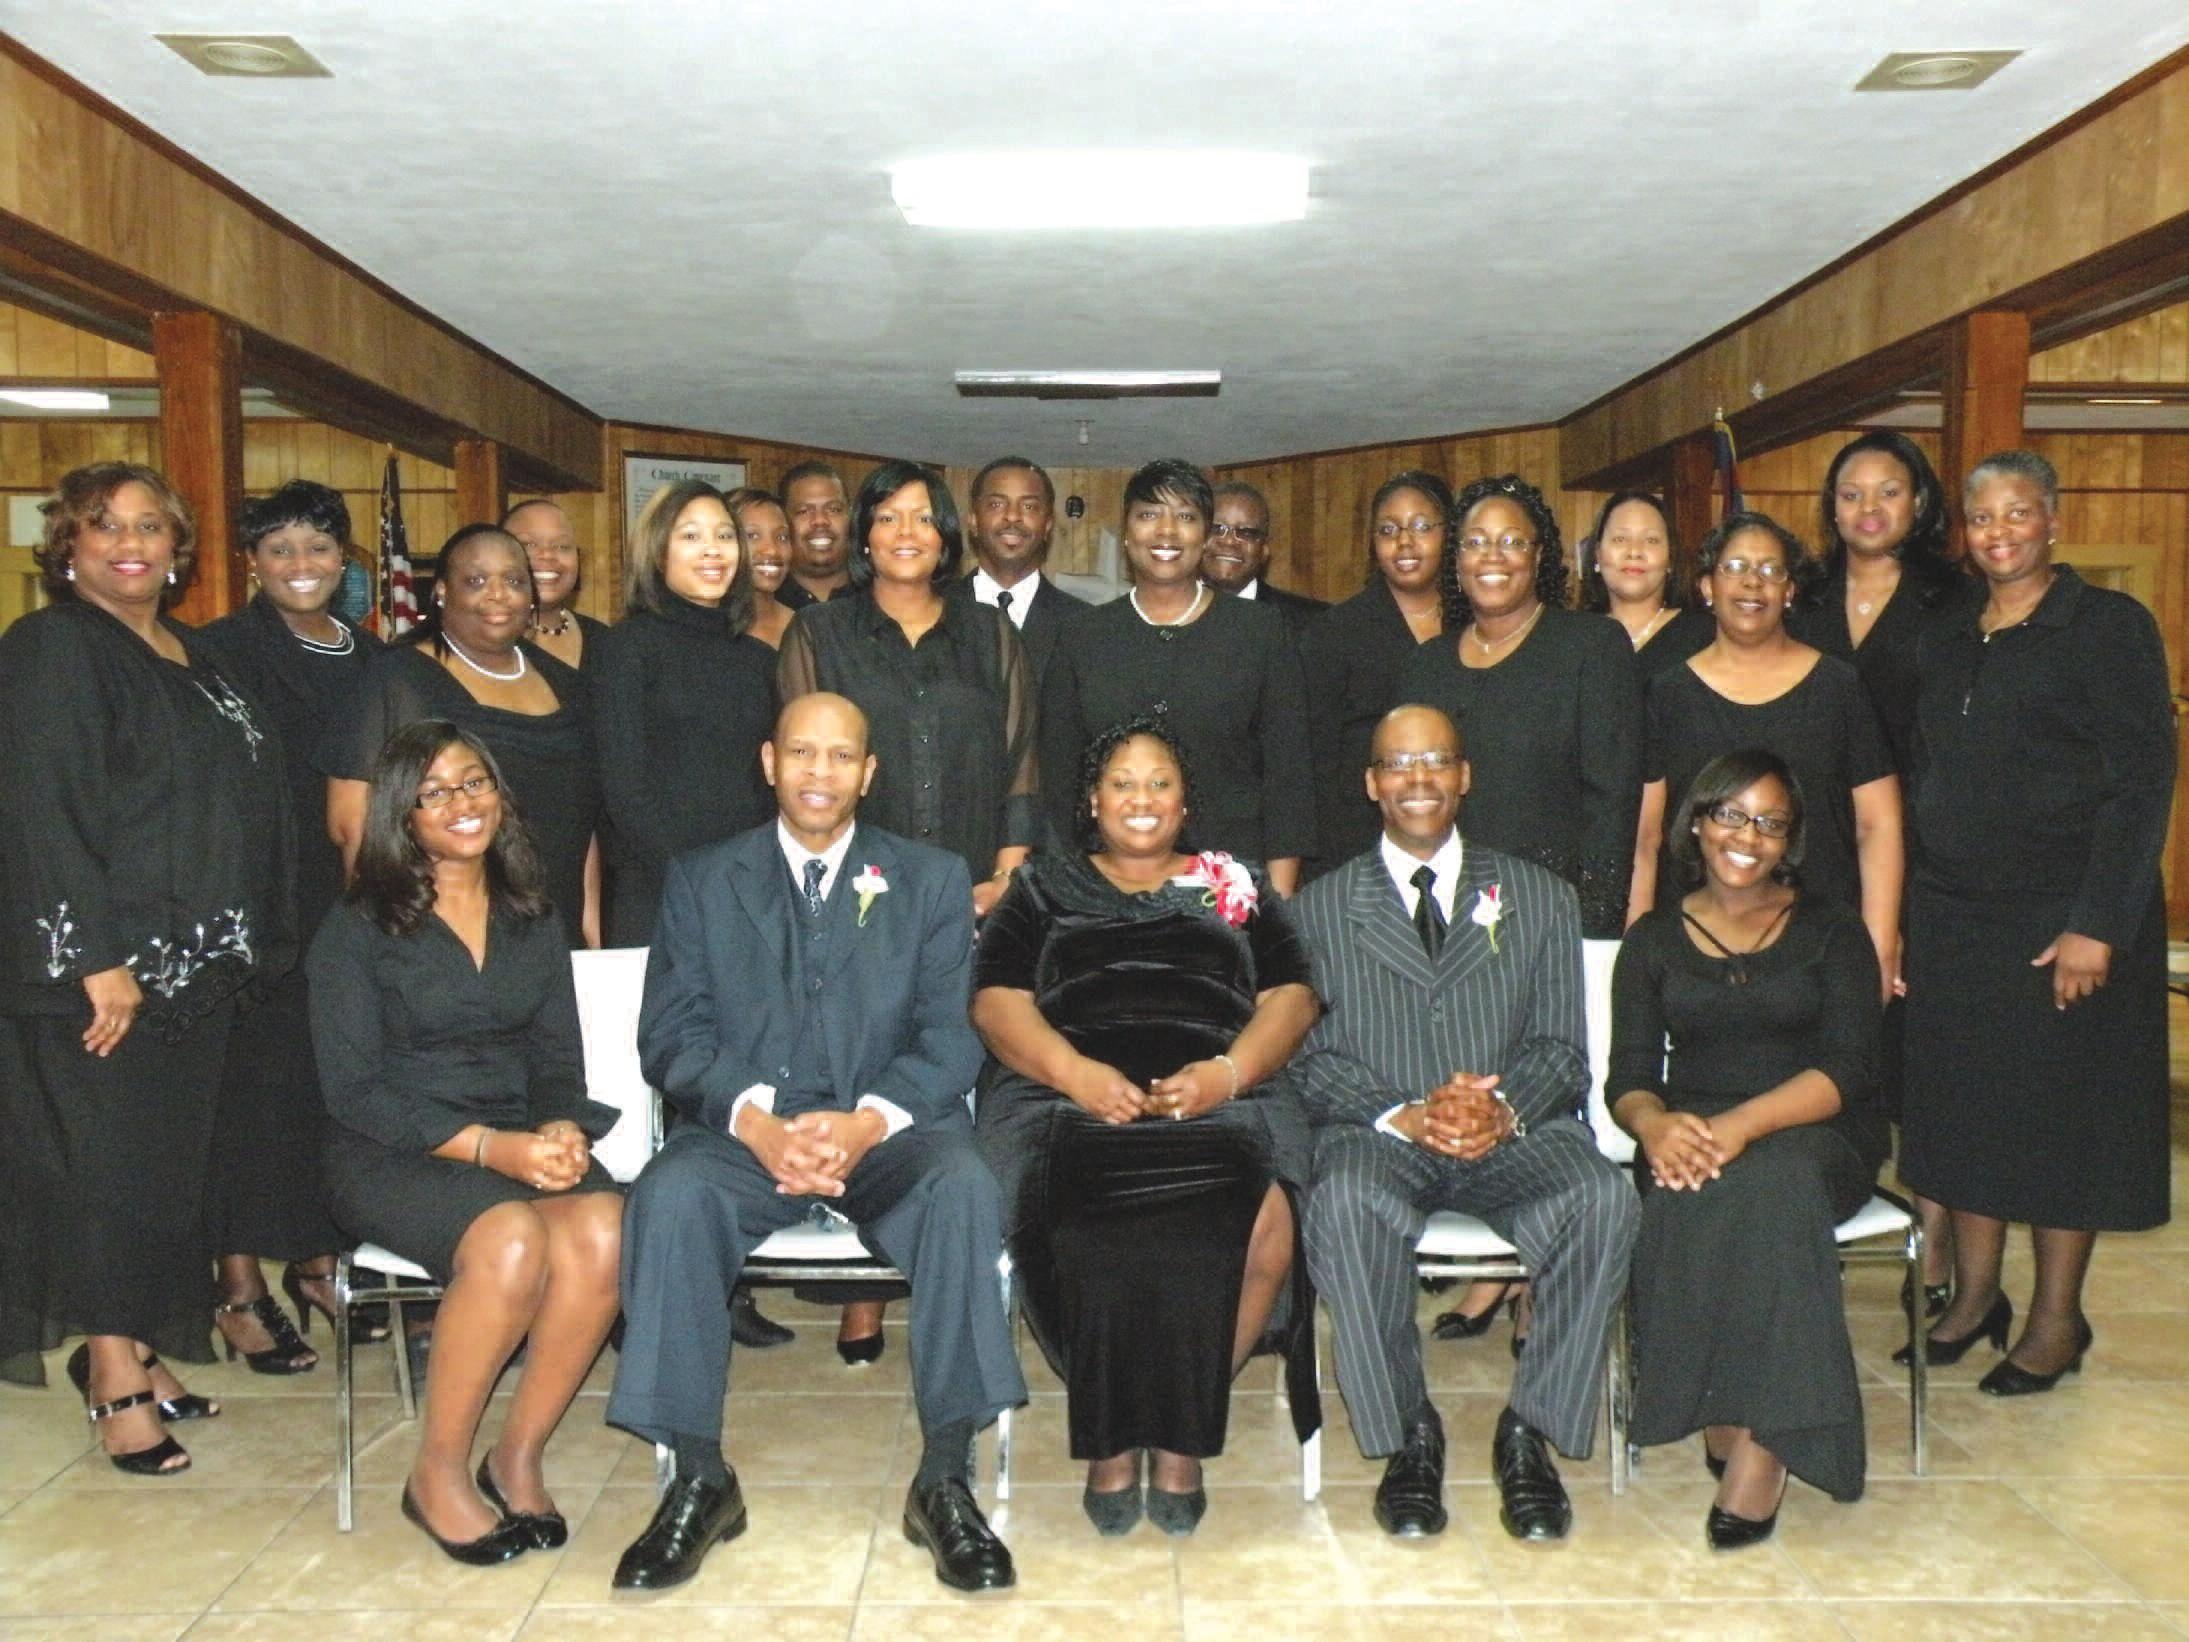 Members of the New Savannah Mass Choir